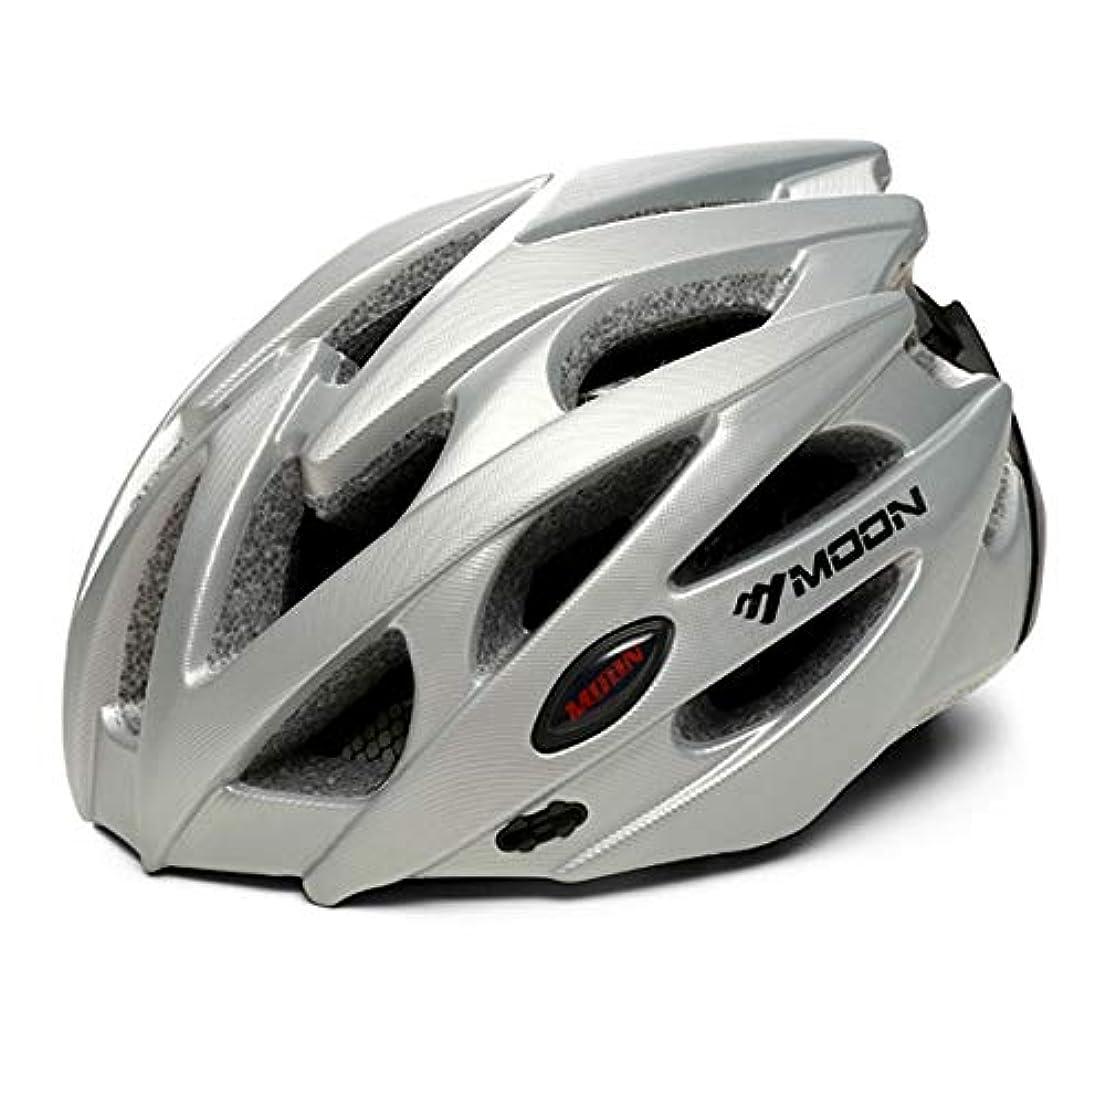 コック既婚コントローラ自転車ヘルメット 高剛性 超軽量サイクリングヘルメット 22通気穴大人用ヘルメット 通気 サイズ 調整可能